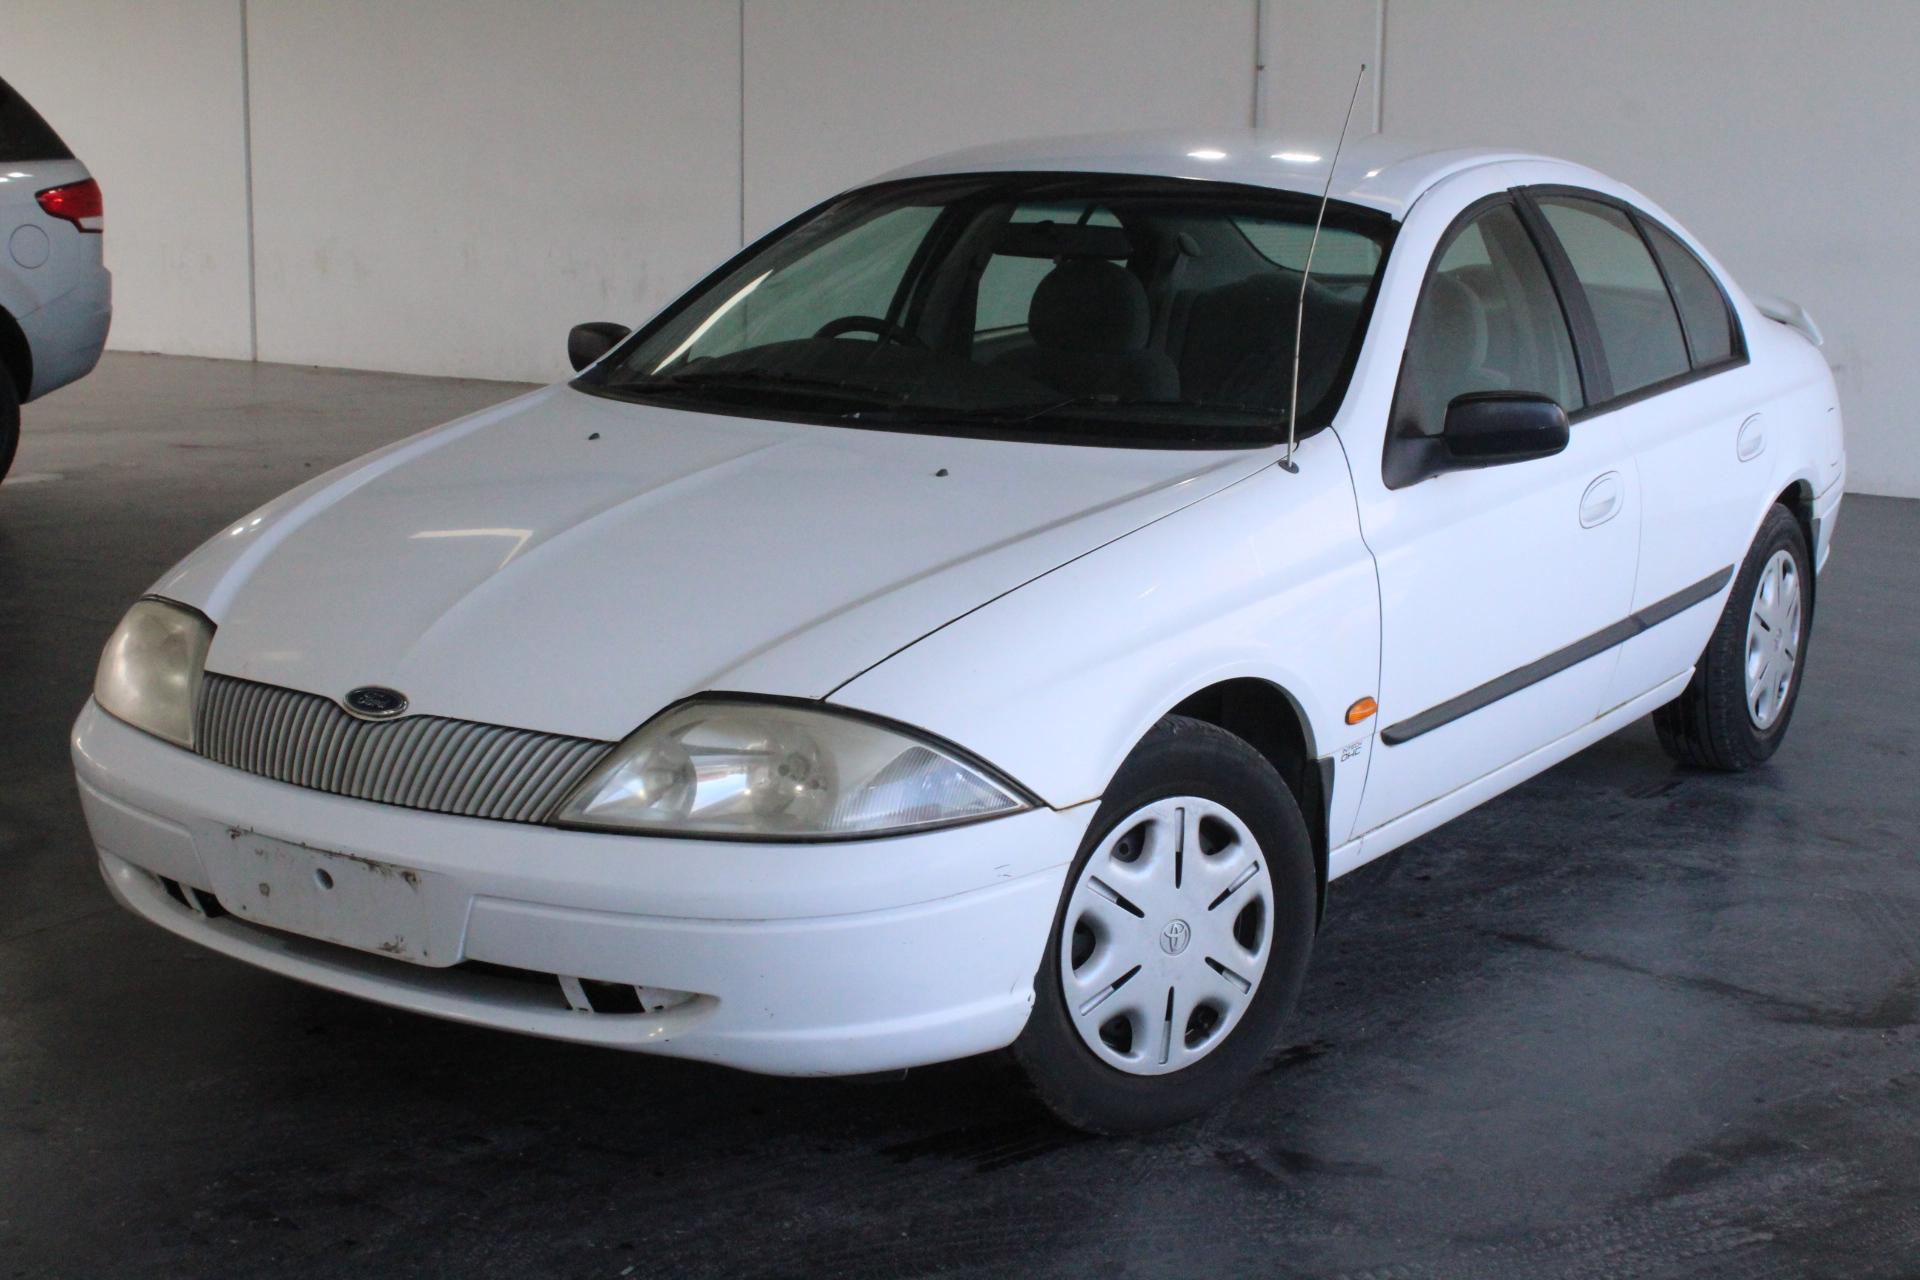 1999 Ford Falcon Forte AU Automatic Sedan